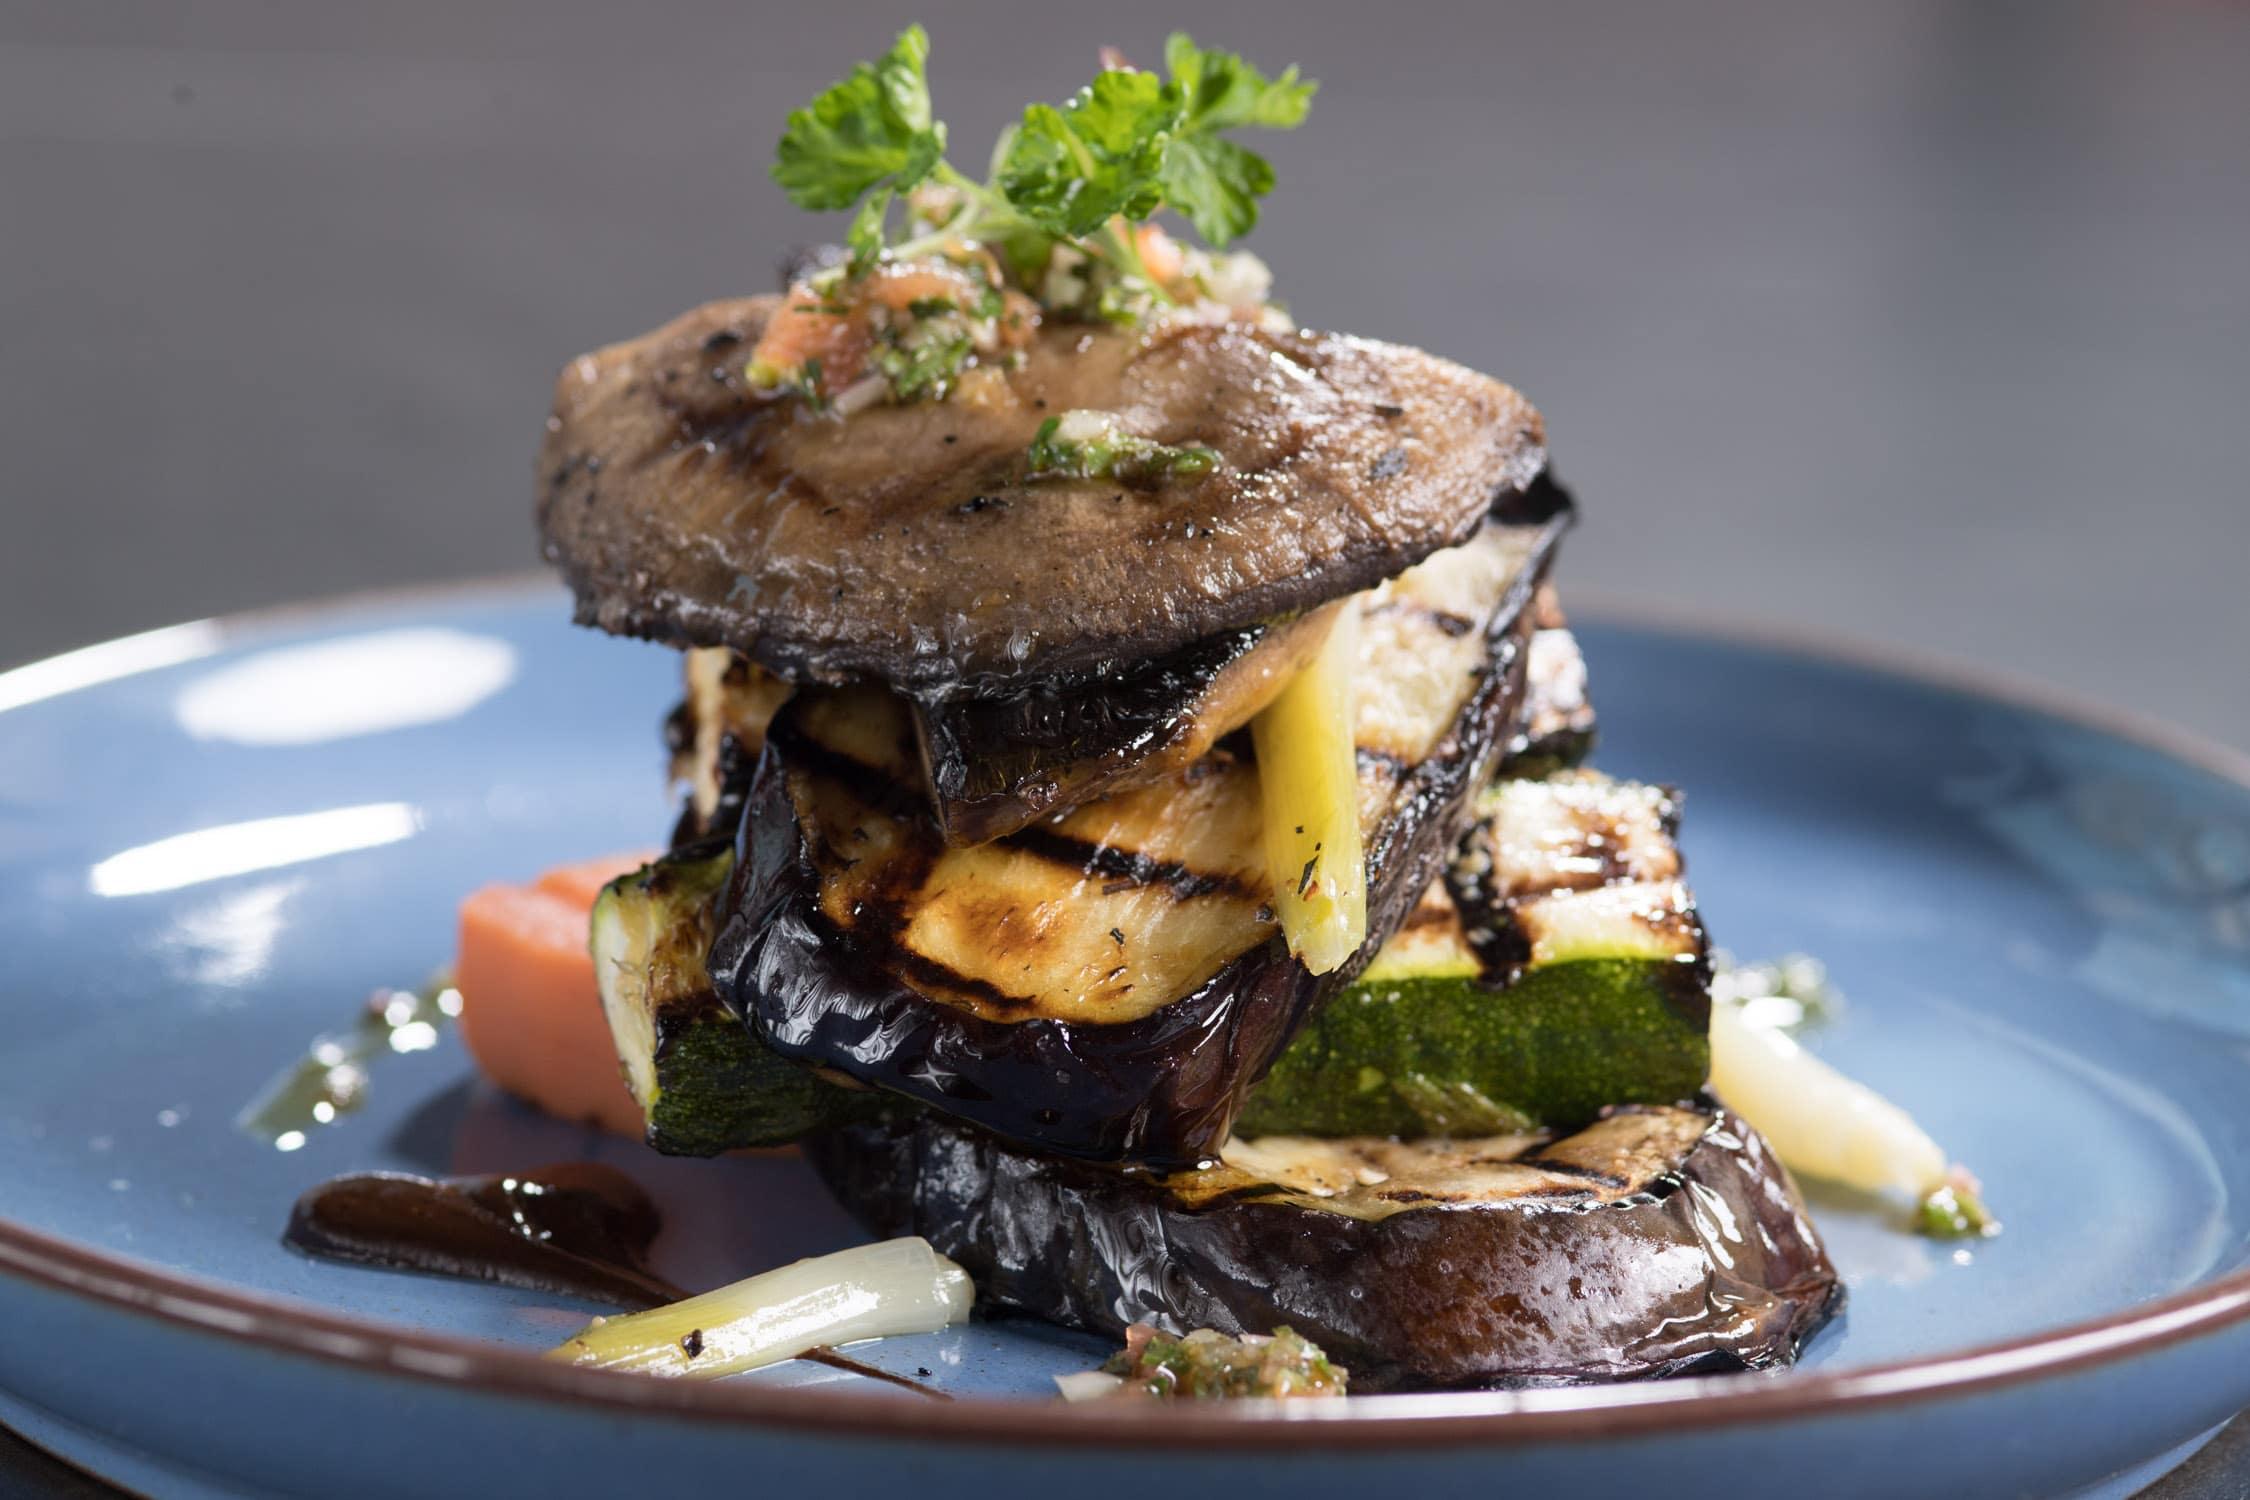 Egglplant, zucchini and mushroom vegetarian dish at Saros Bar + Dining